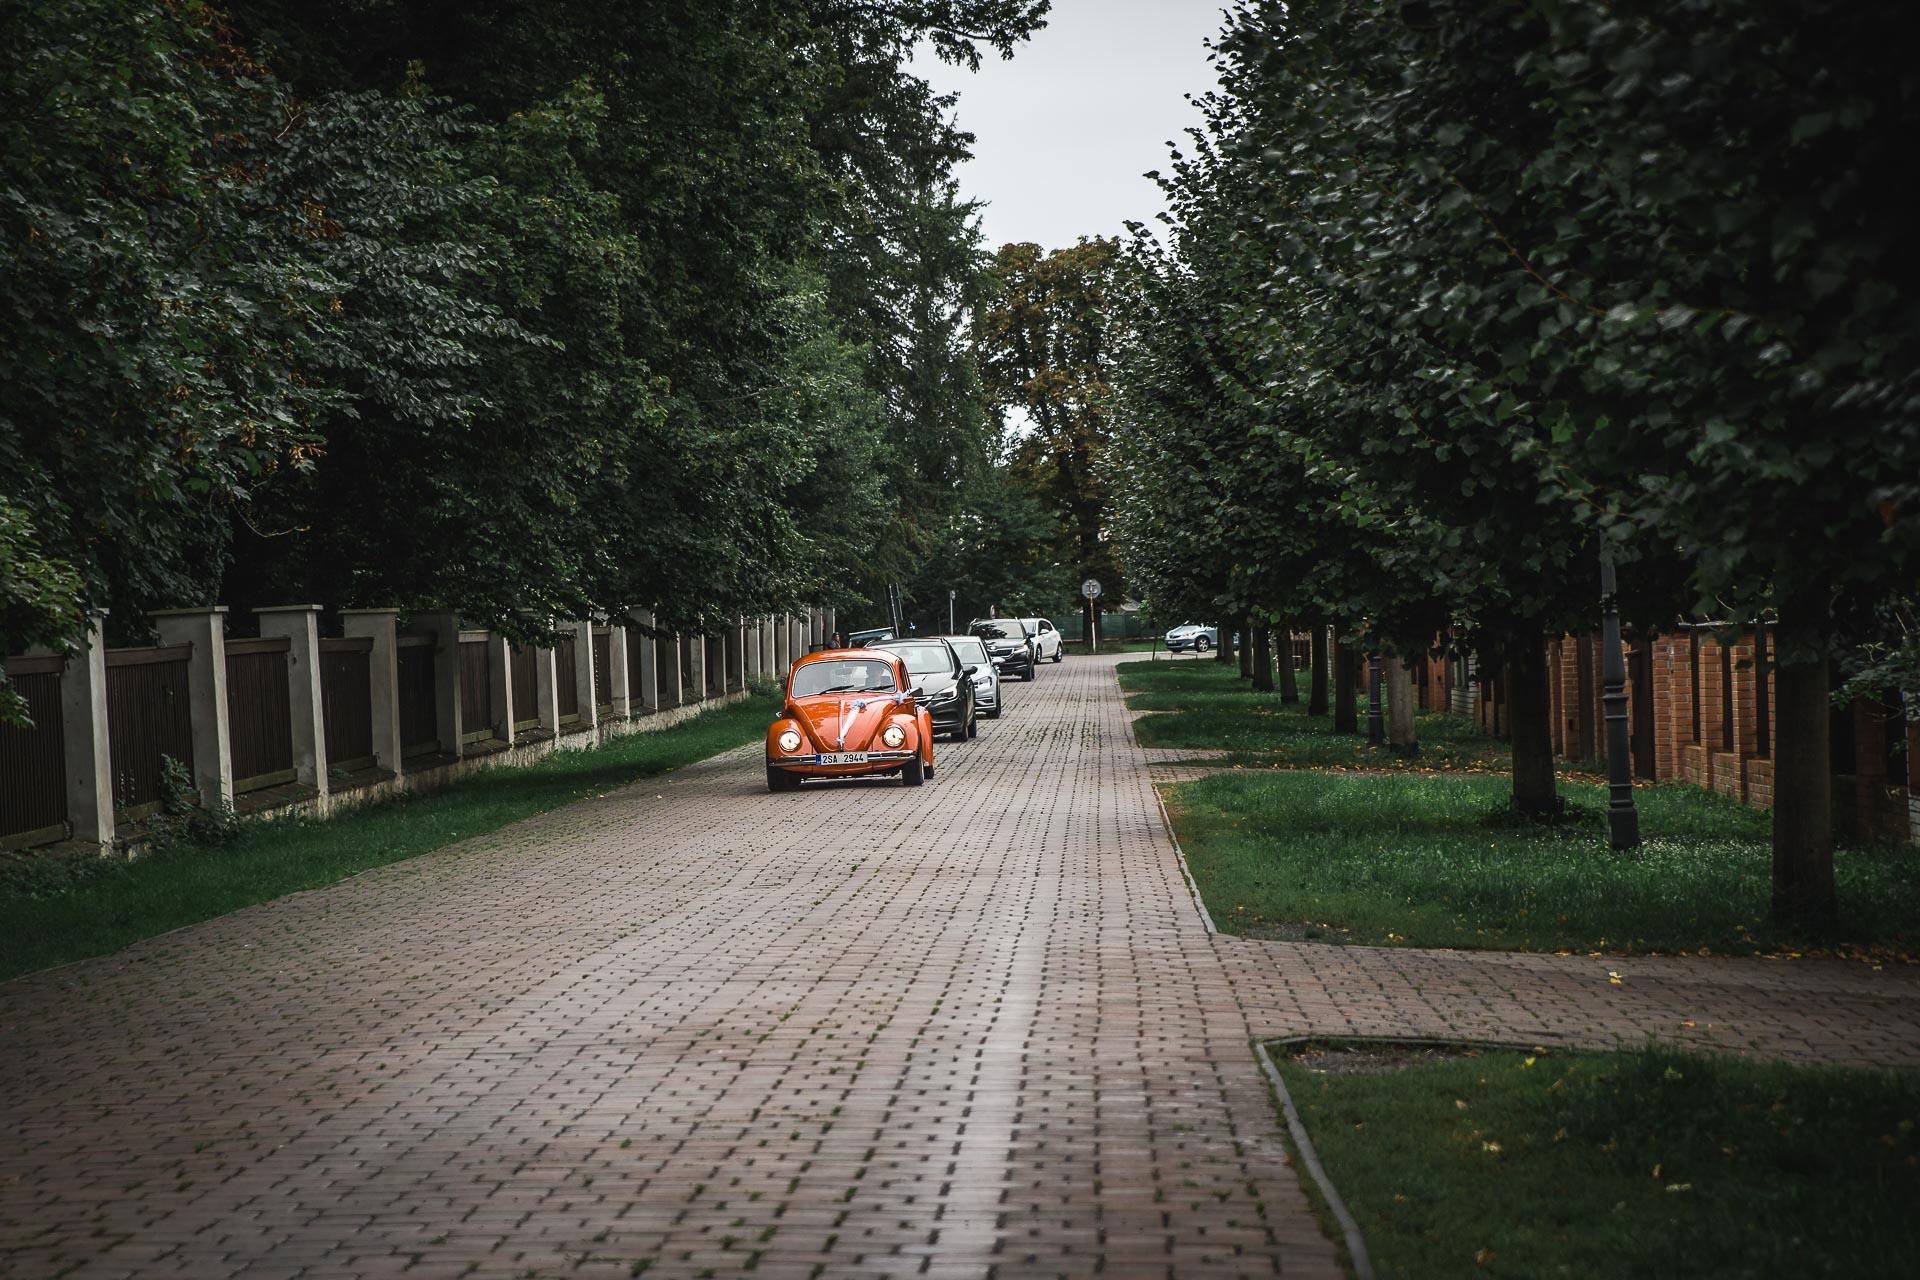 Svatební-fotograf-zámecký-park-Měšice-Svatba-Měšice-u-Prahy-6993